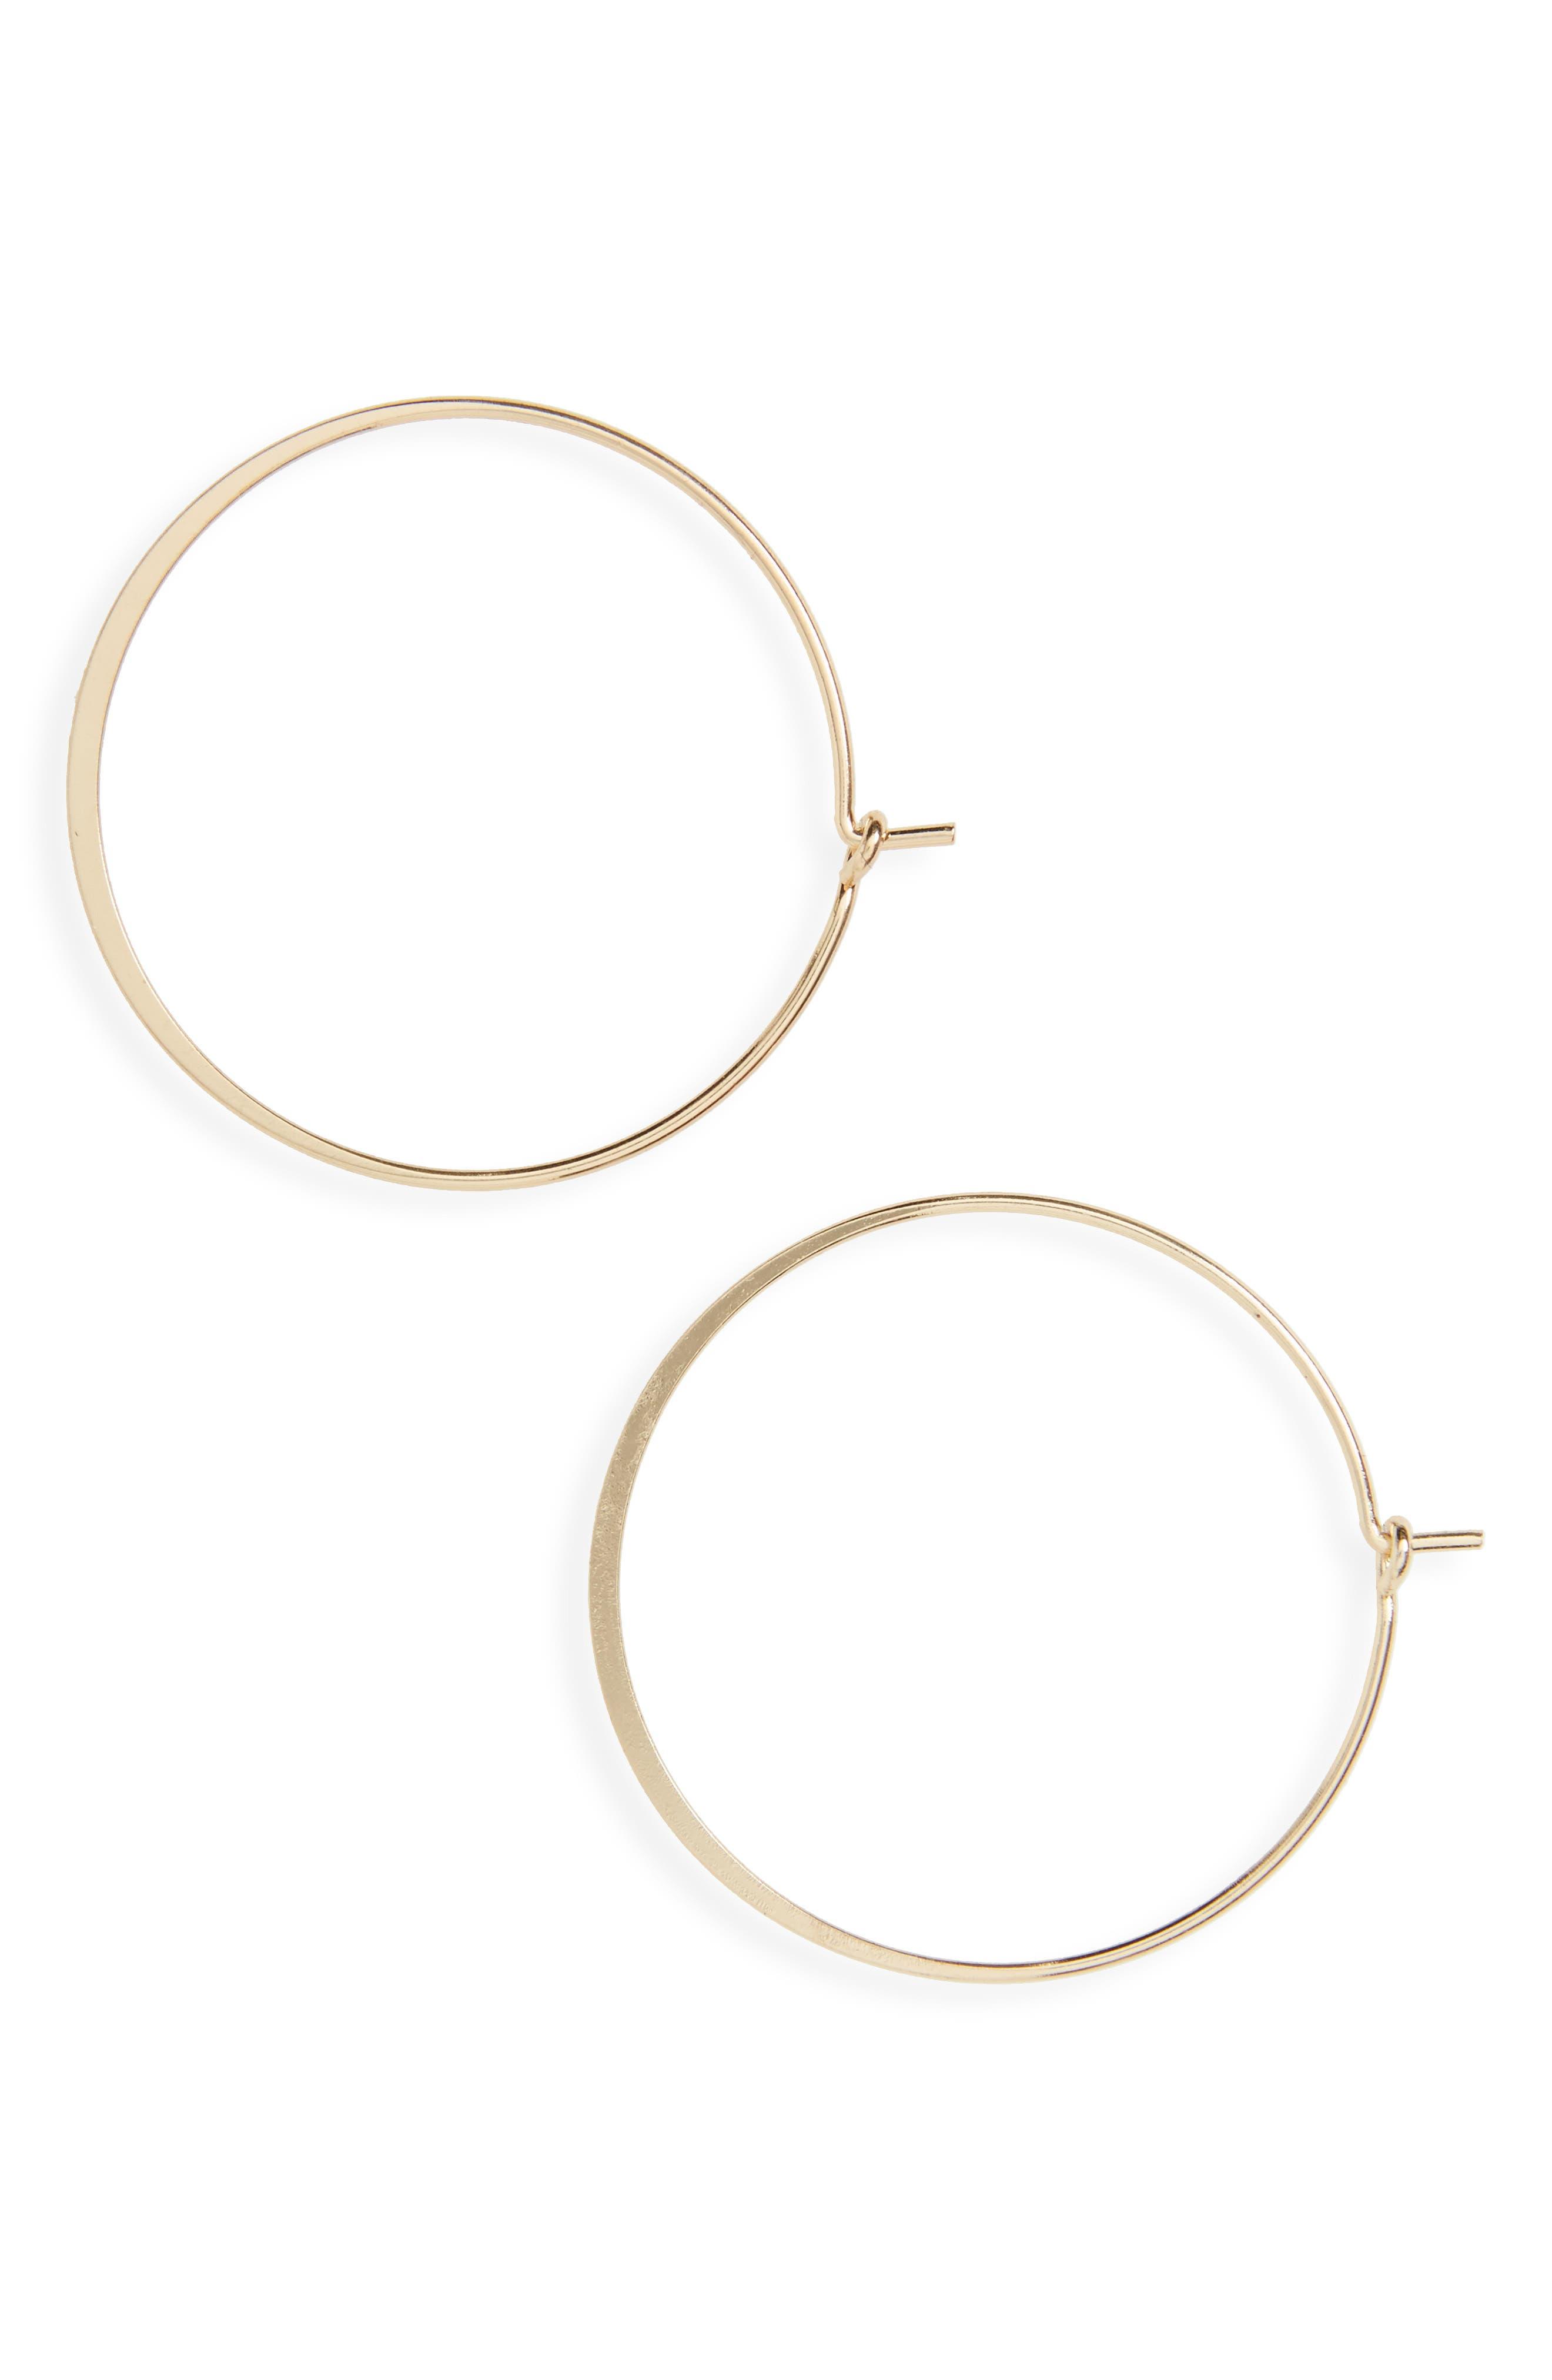 Main Image - BP. Flat Hoop Earrings